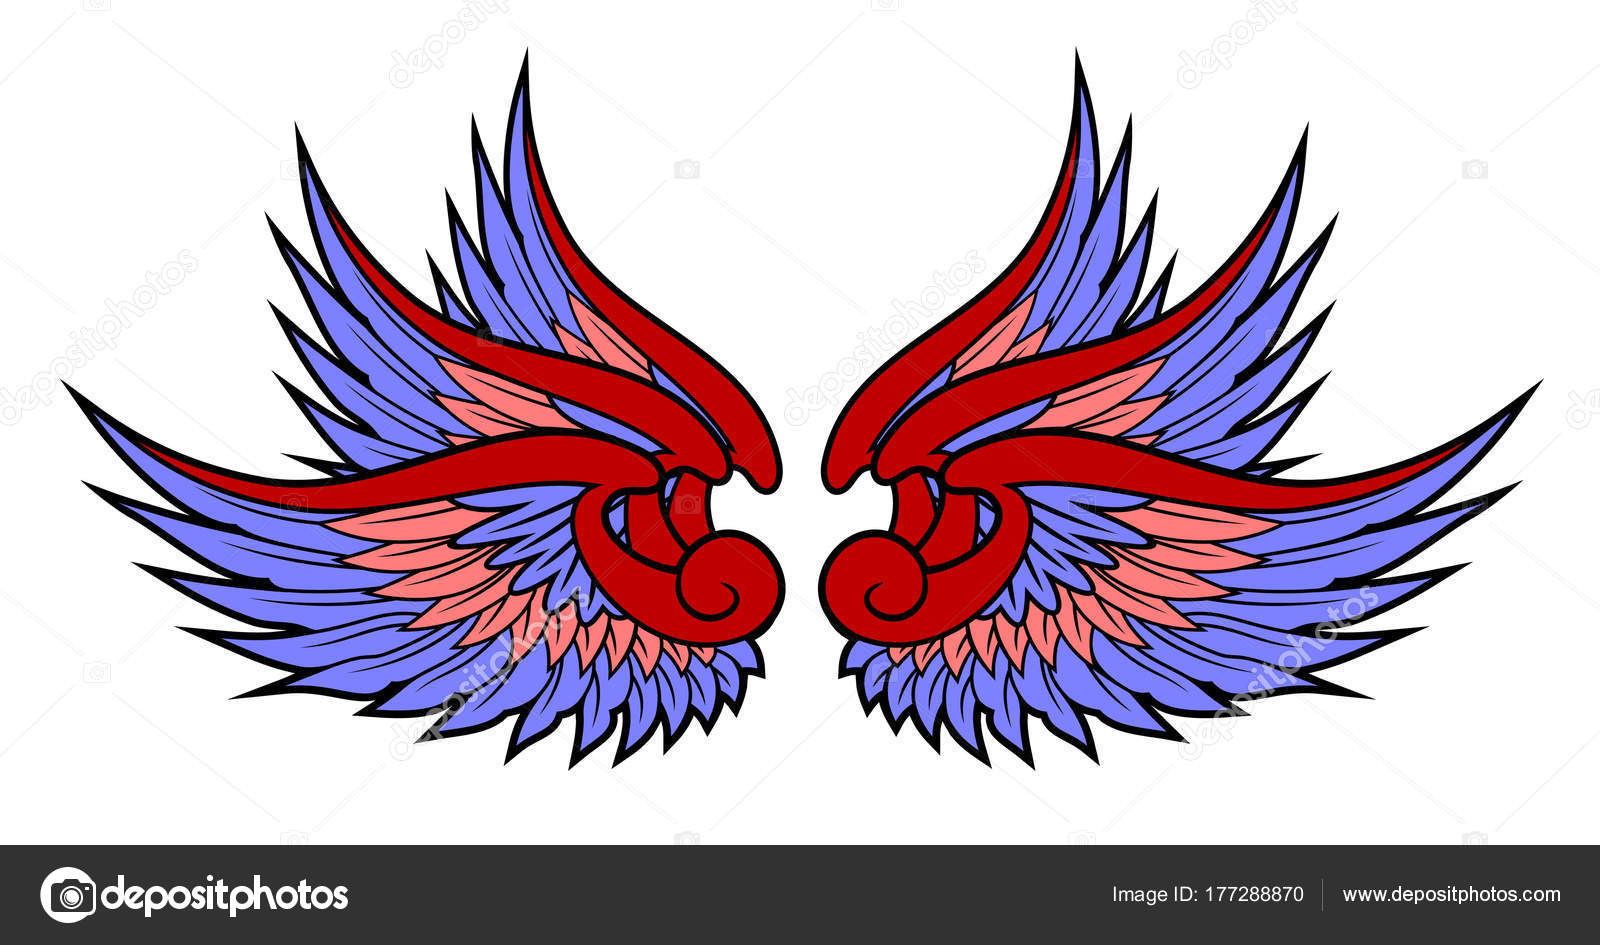 Diseño Tattoo Old School Las Alas Dibujo Estilo Tatuajes Old